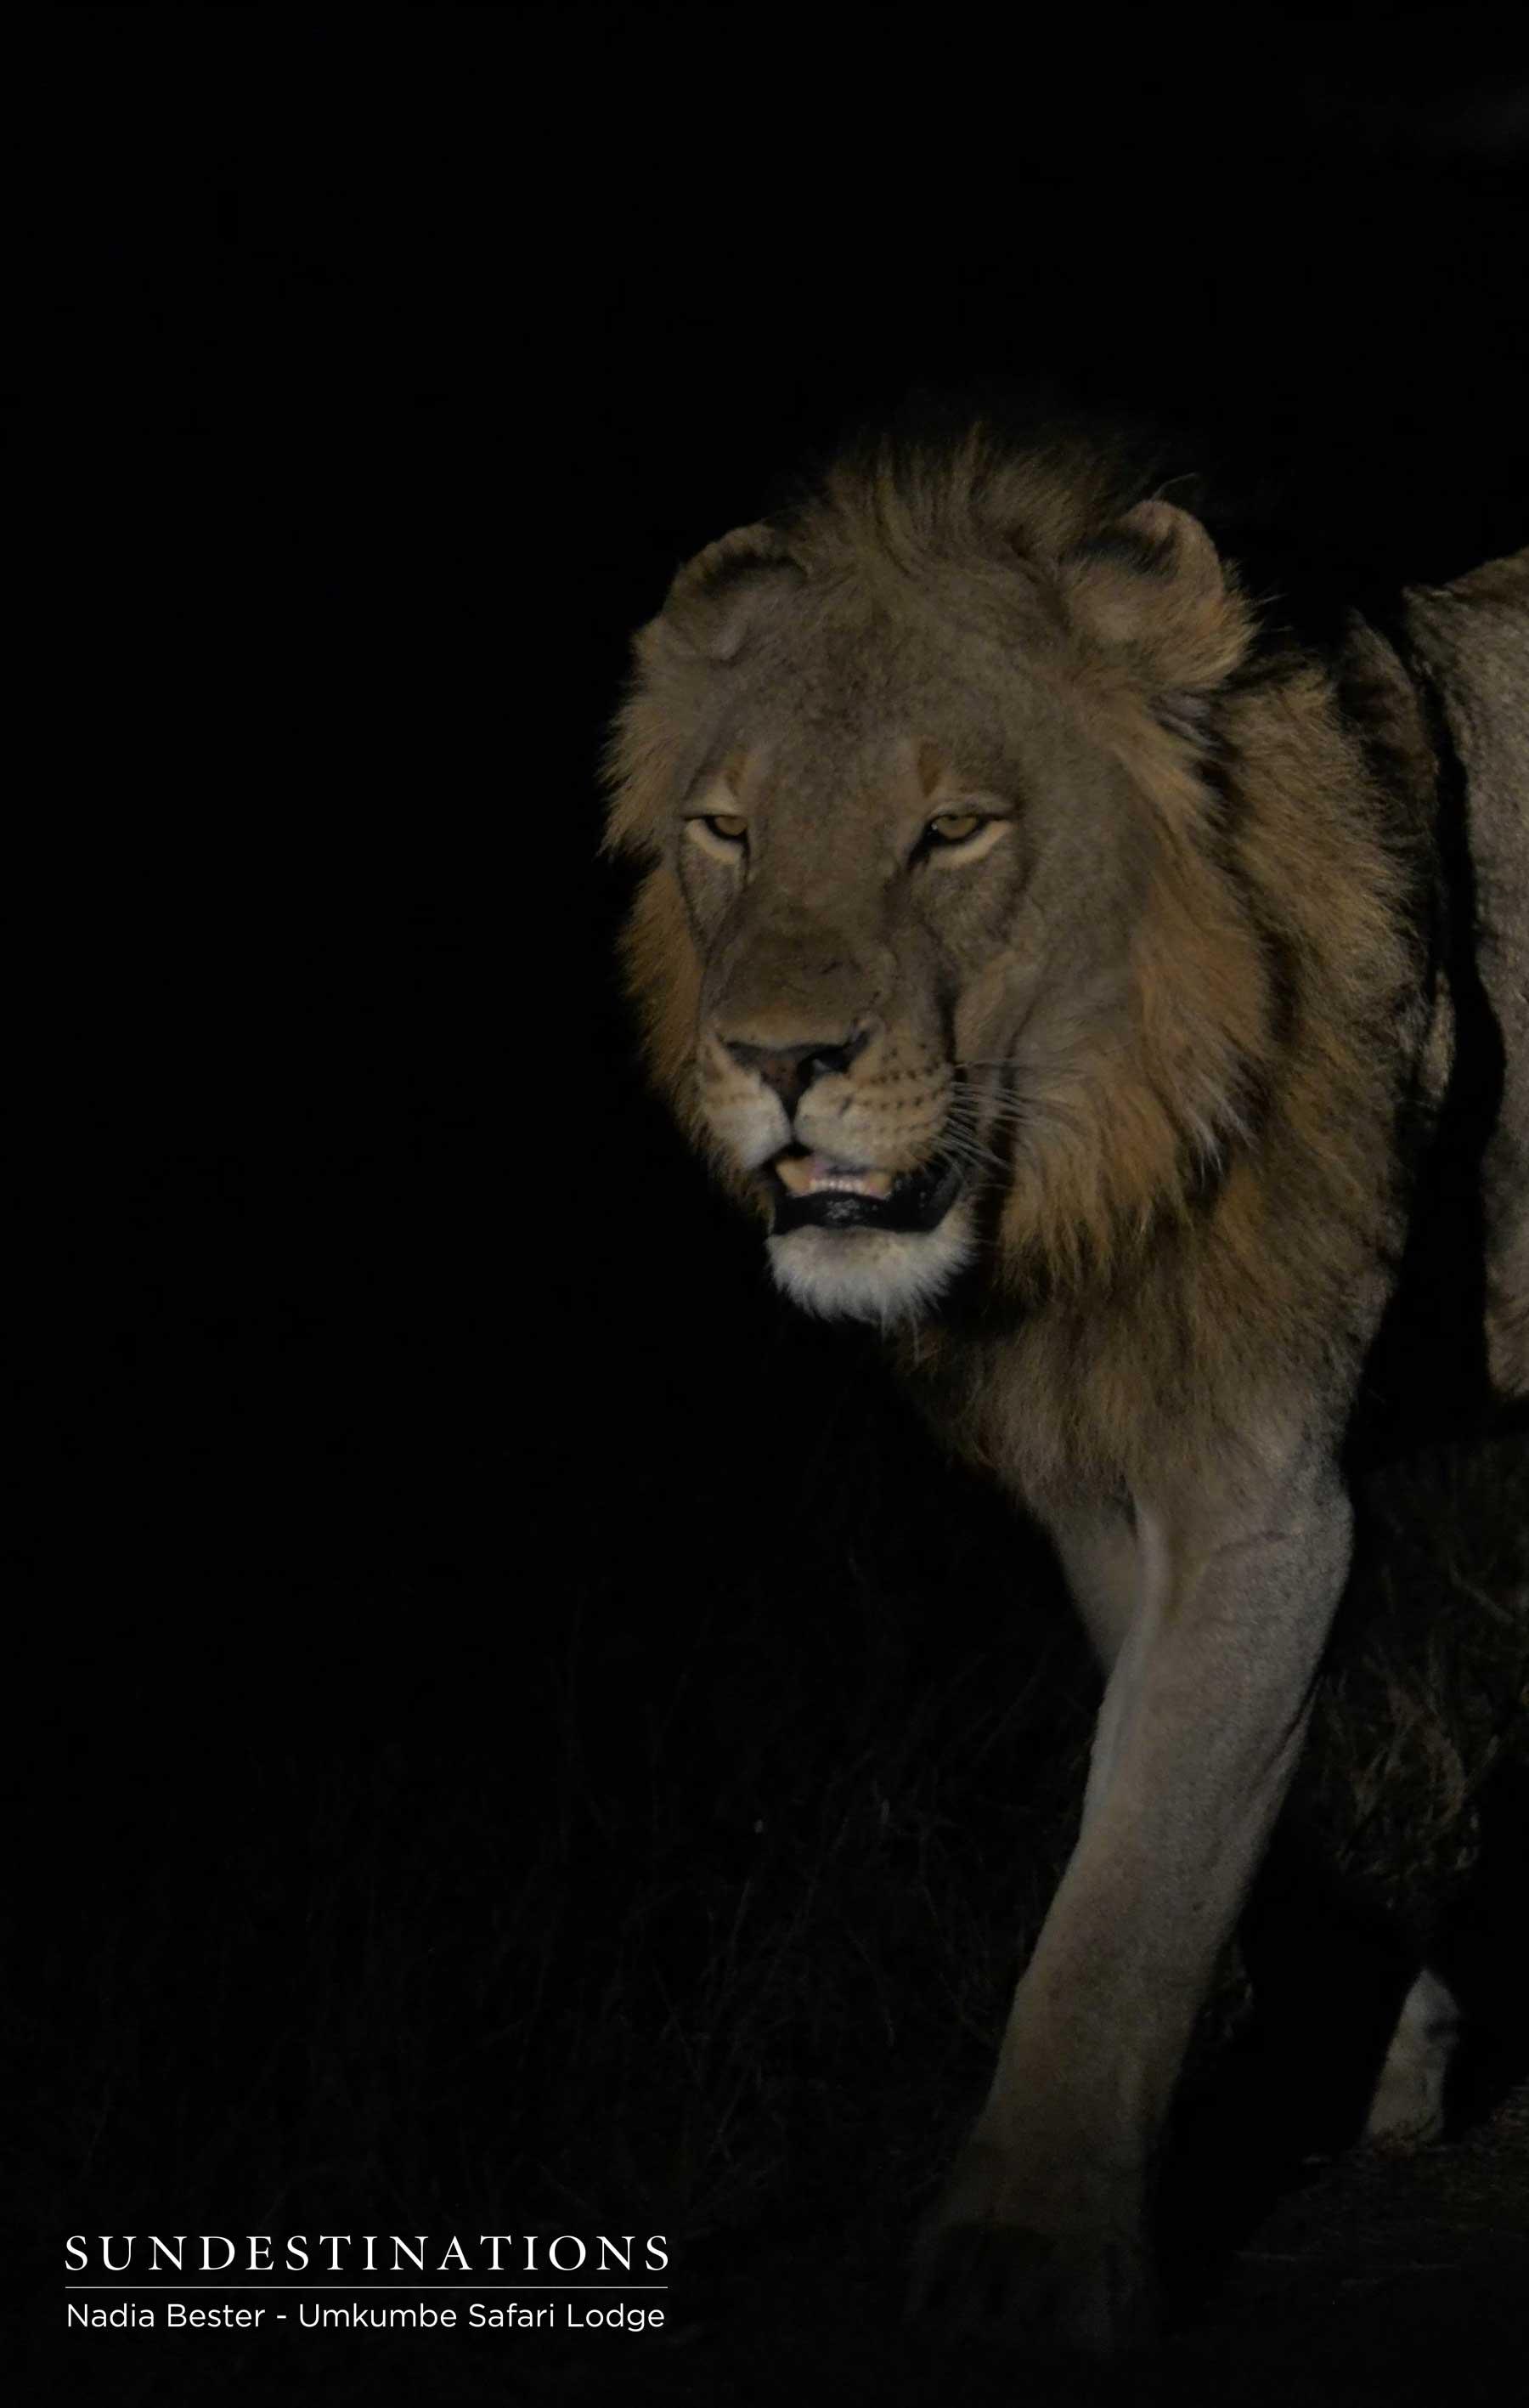 Tsalala Lions Umkumbe